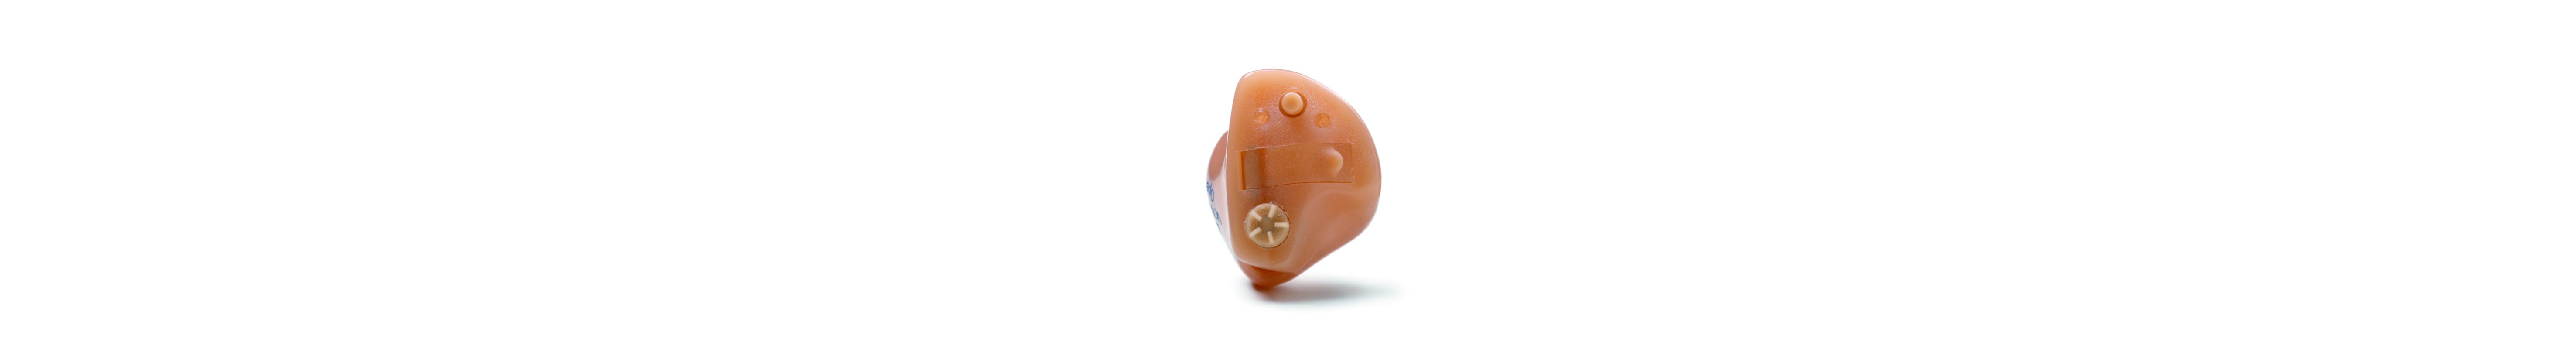 מכשיר שמיעה בתוך האוזן